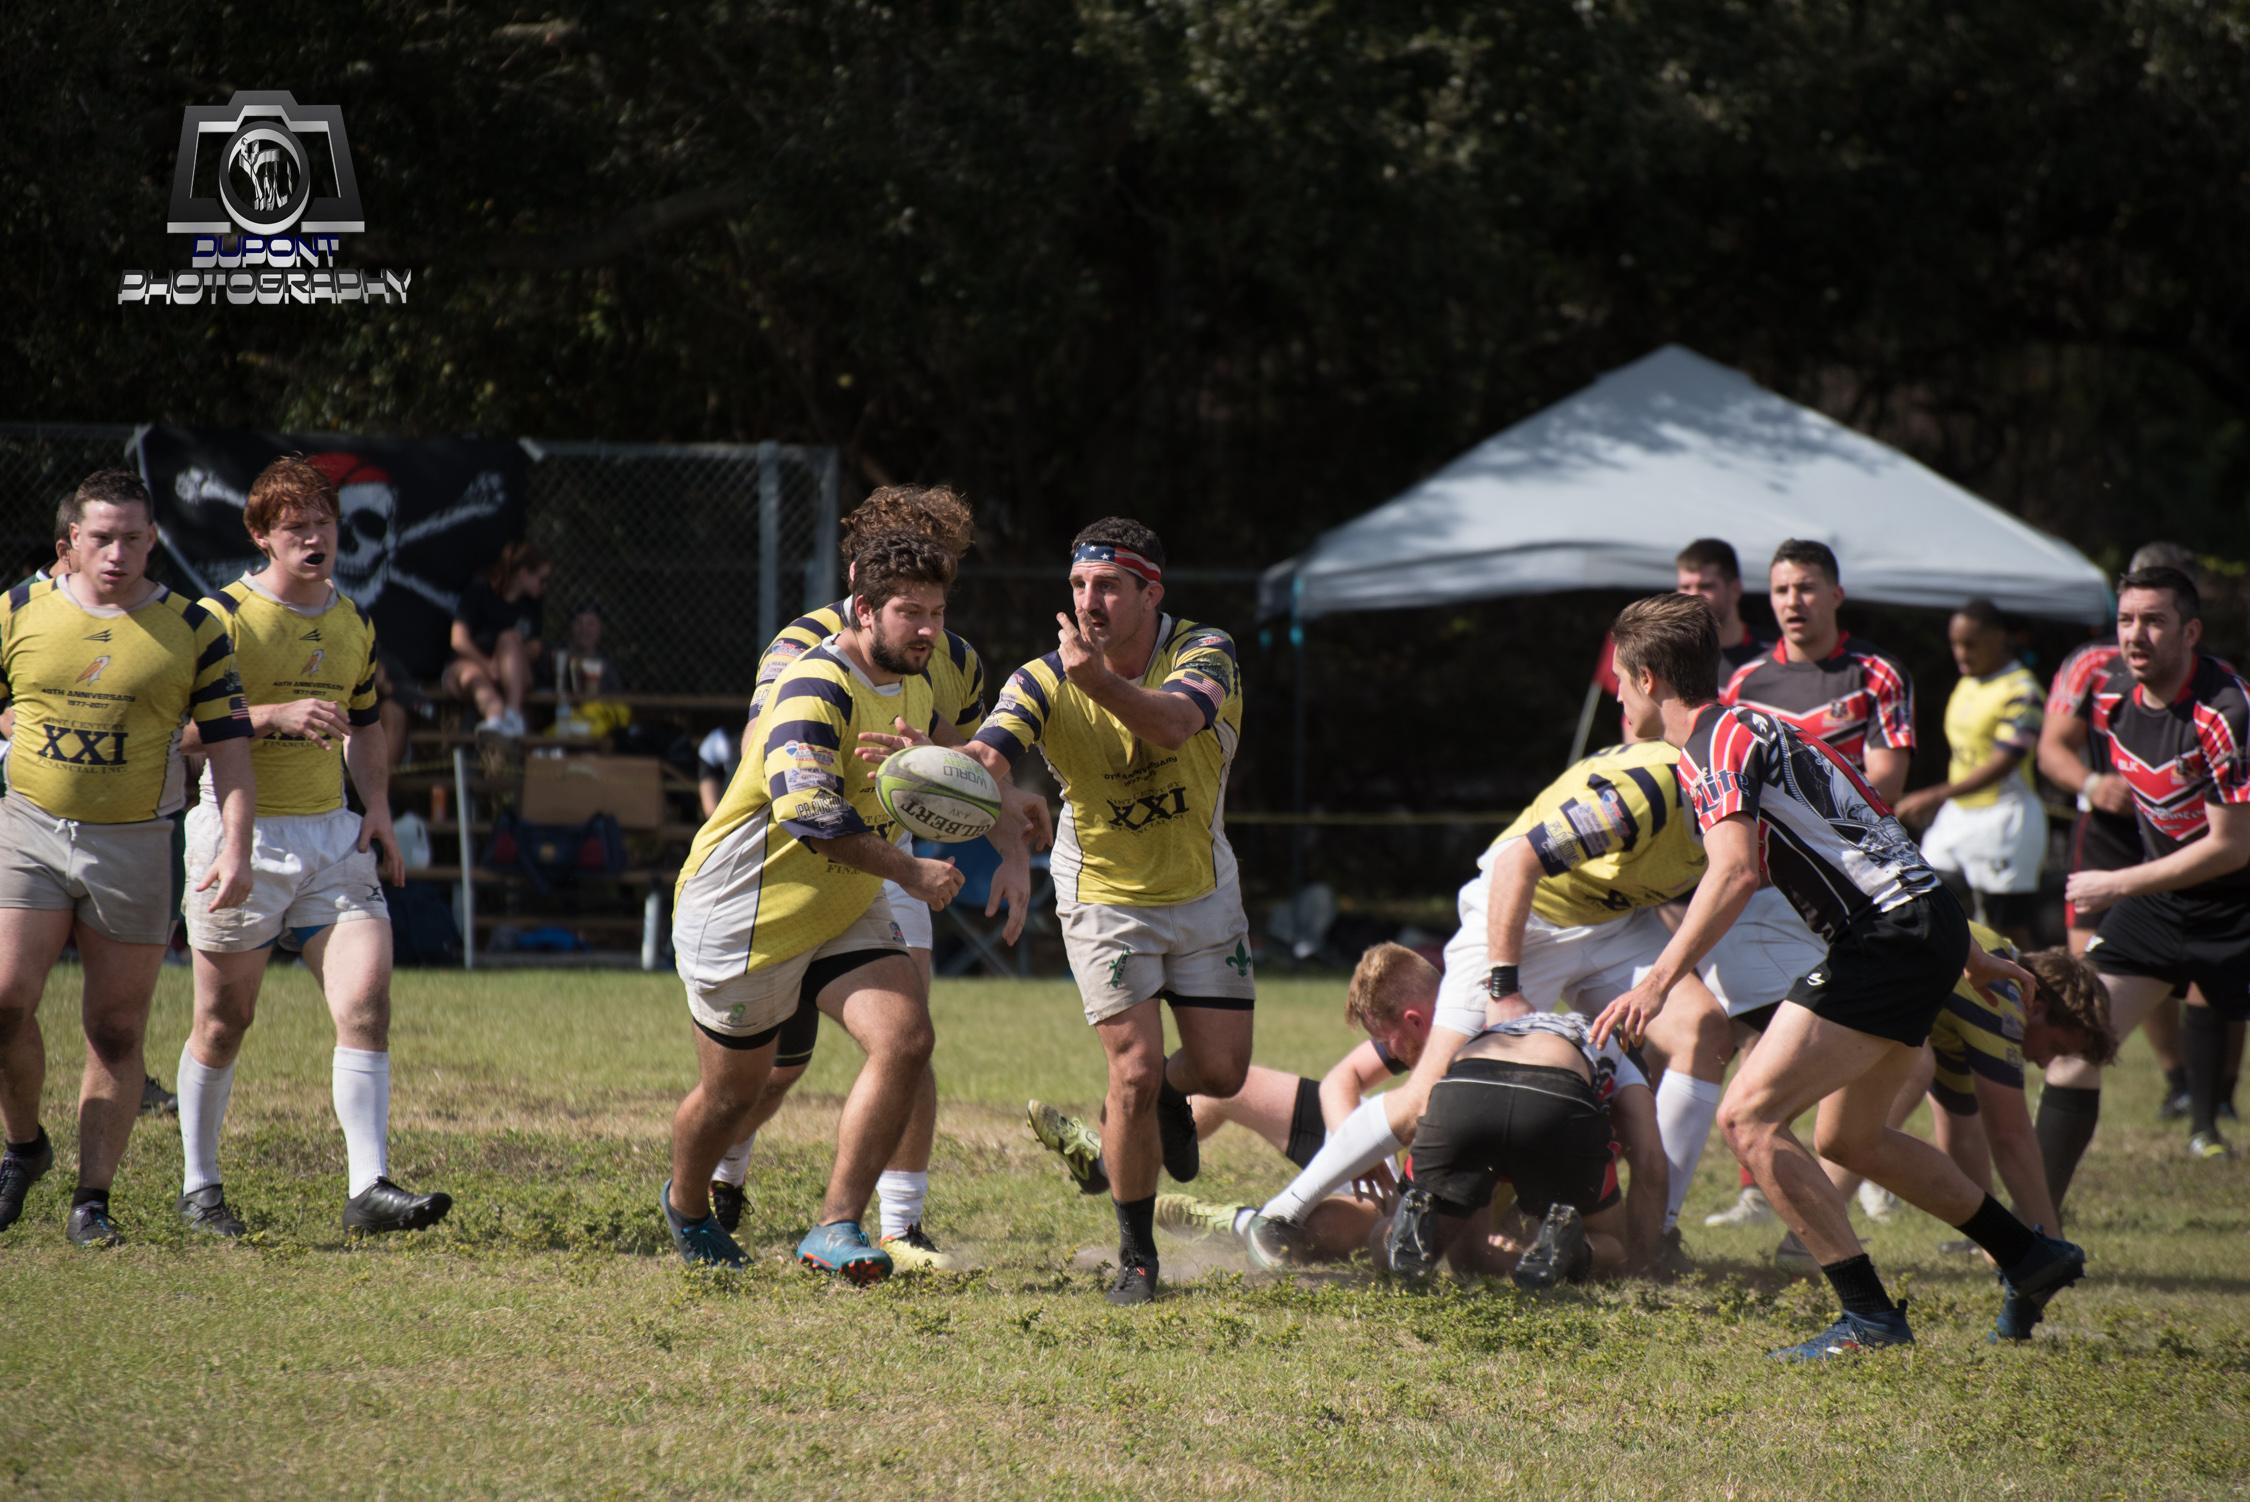 2019-01-19 Rugby-454-7.jpg